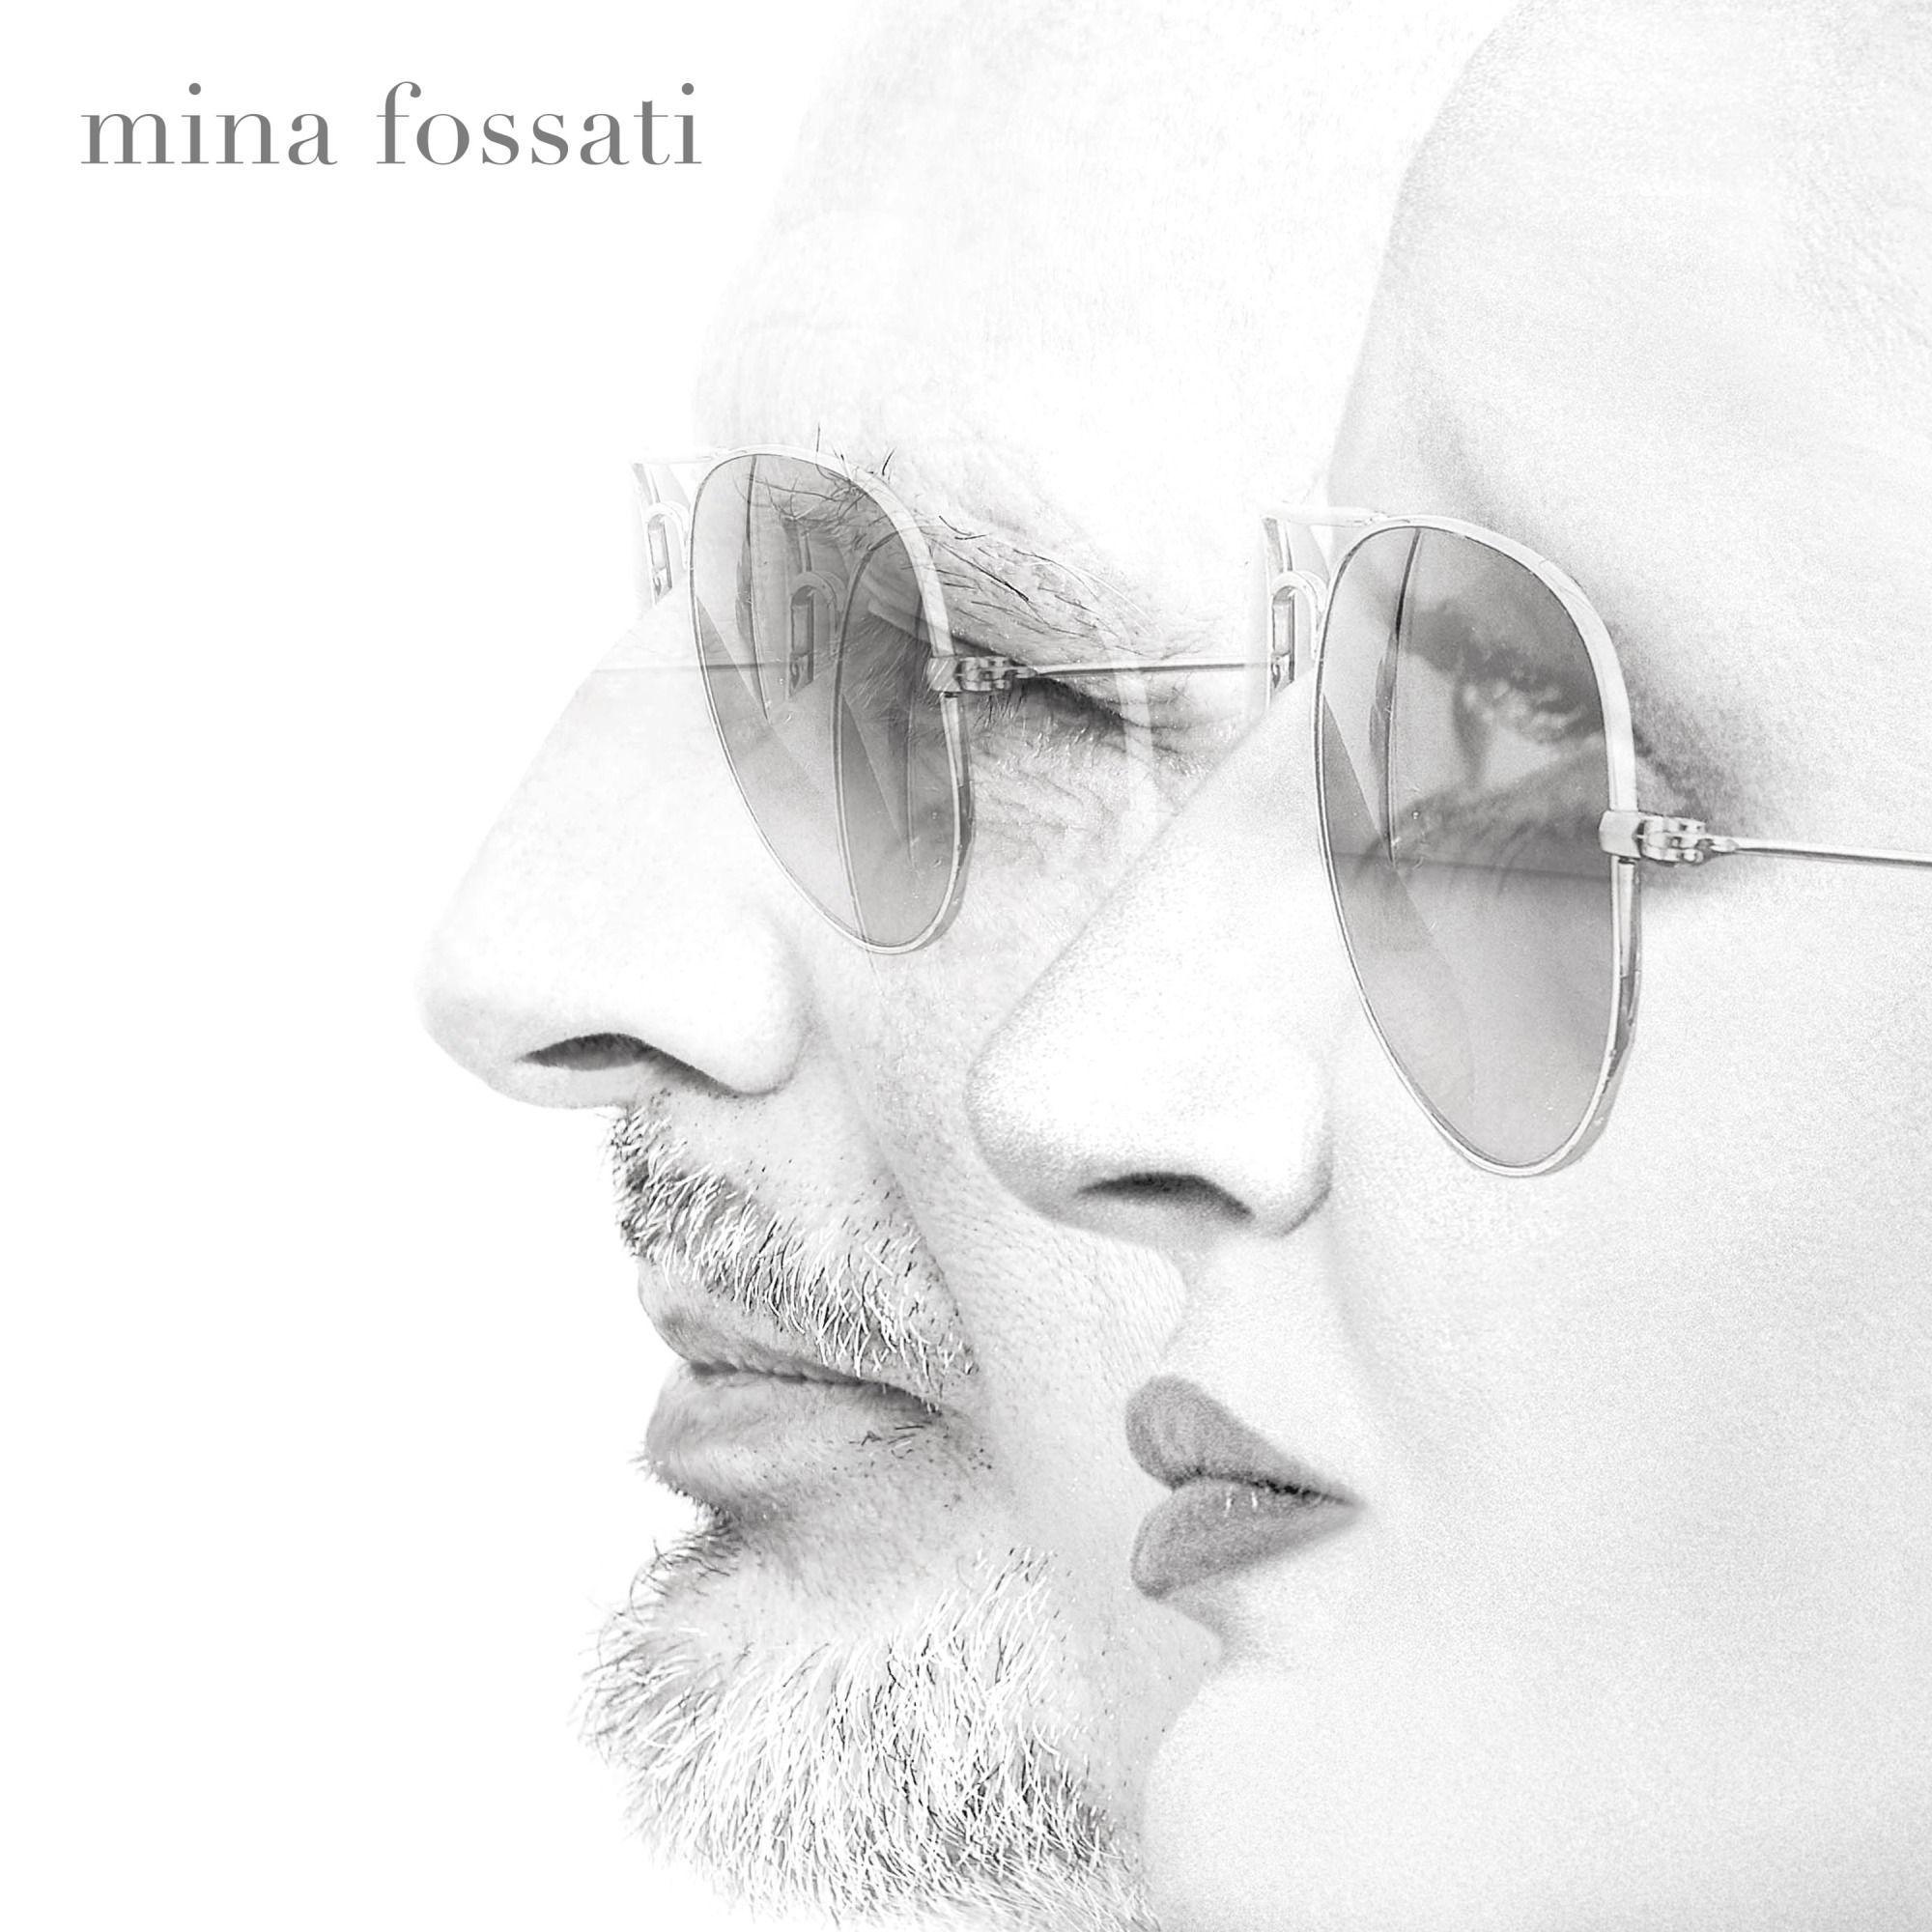 Musica Italiana, News. Mina e Fossati, ritorno di coppia. Esce un album con undici duetti inediti